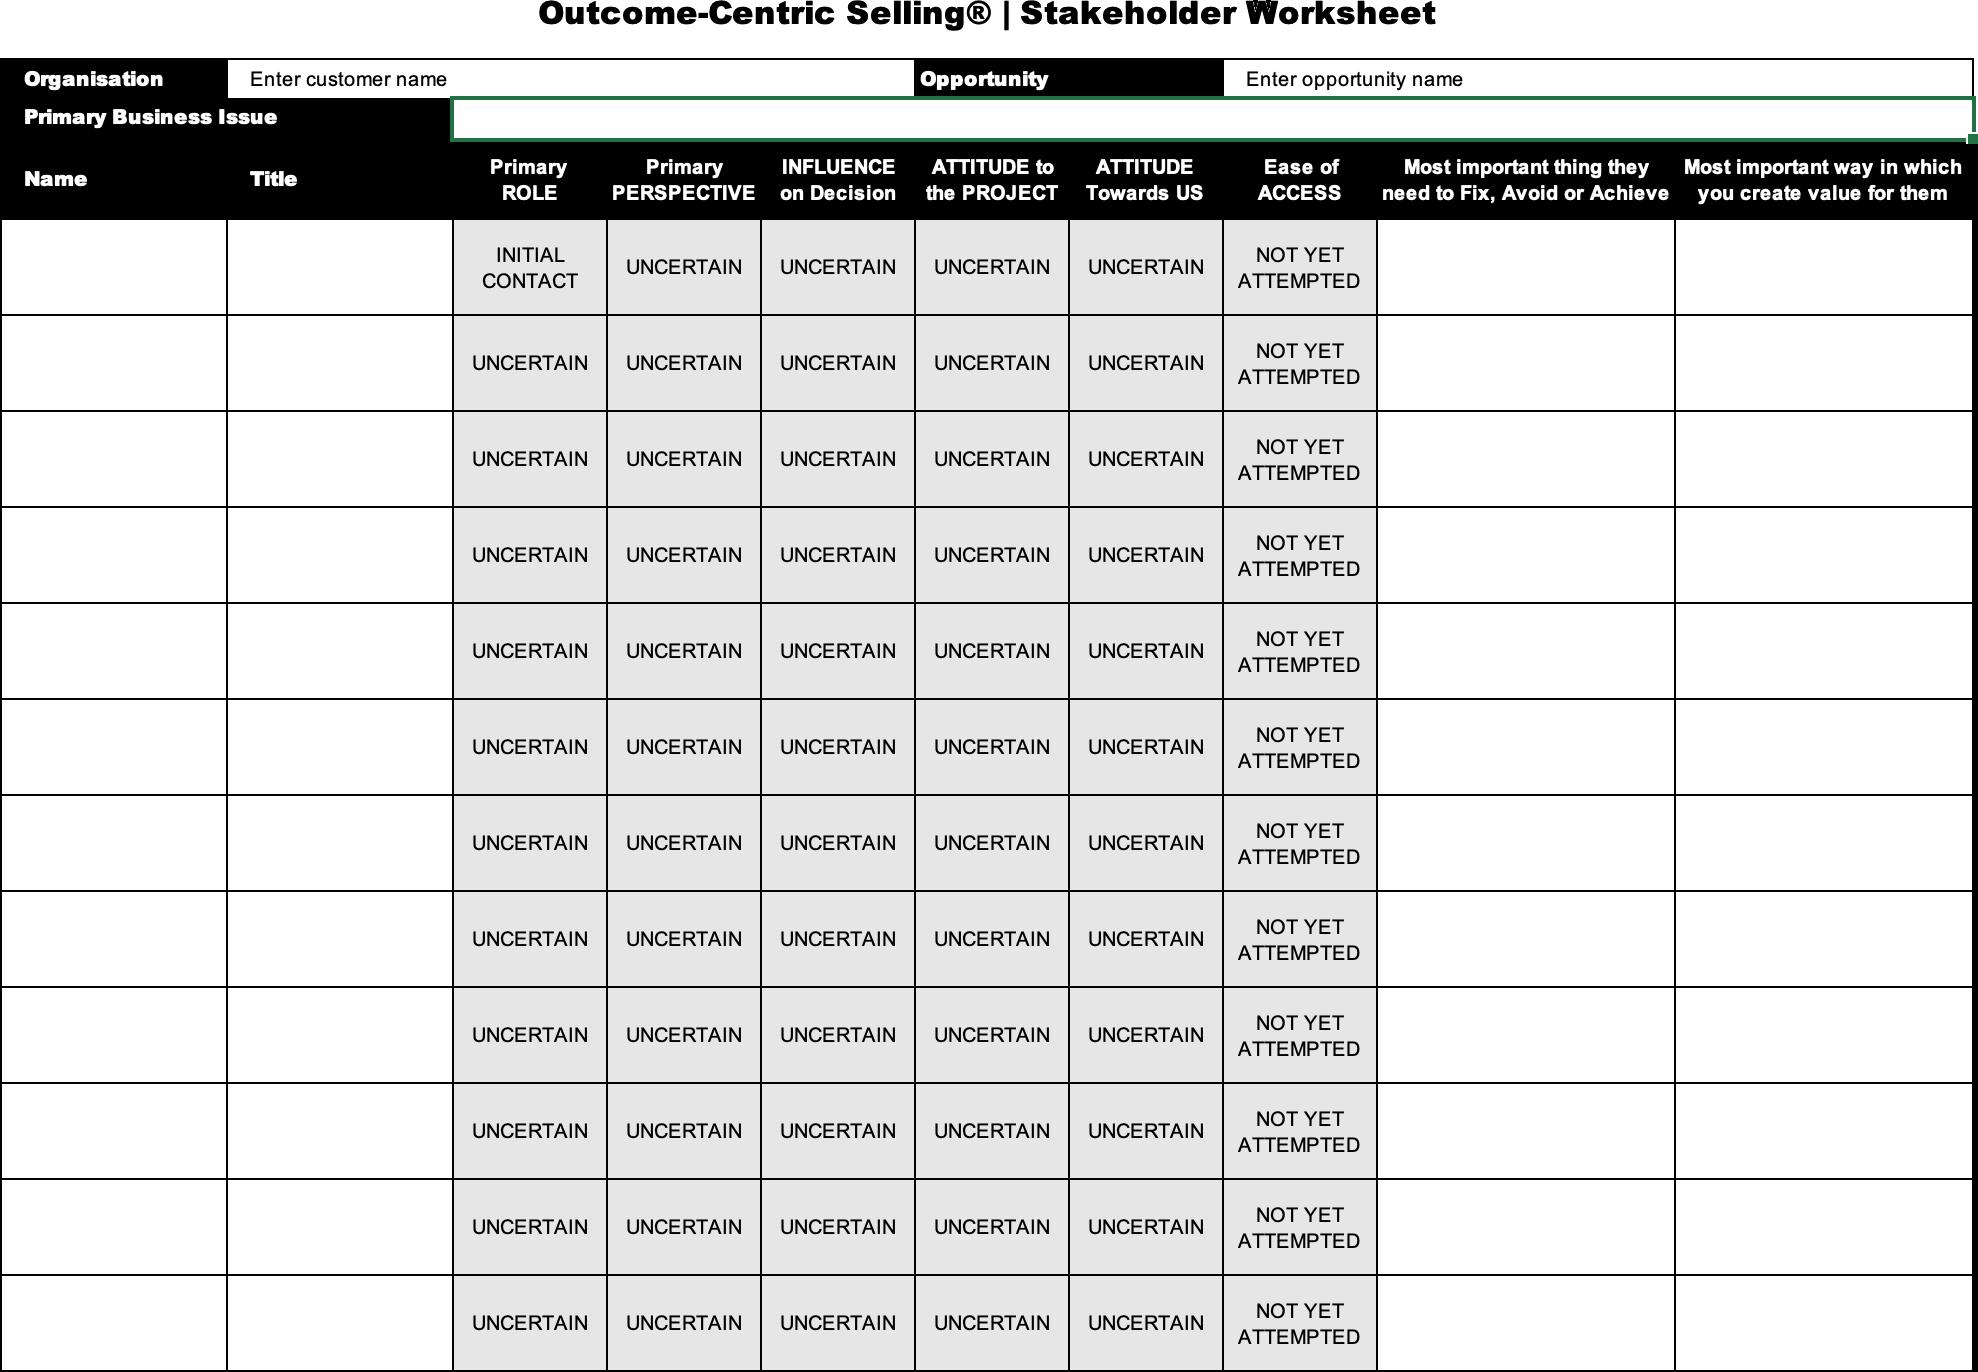 Stakeholder Worksheet